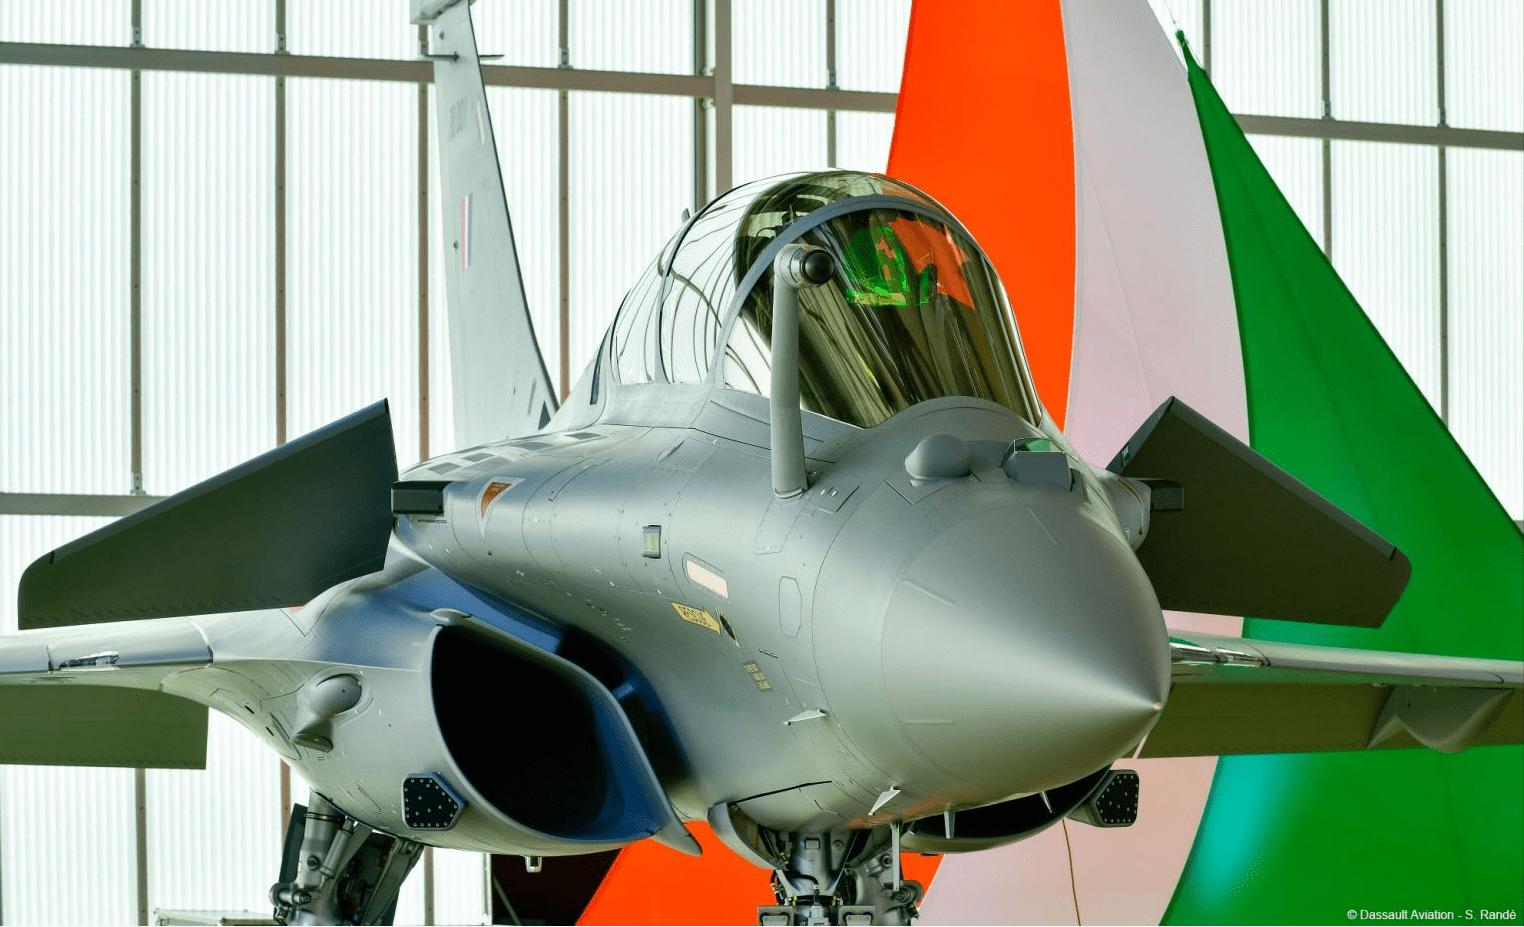 印度将在本月底接收6架阵风战机配有射程超150公里空空导弹_法国新闻_法国中文网